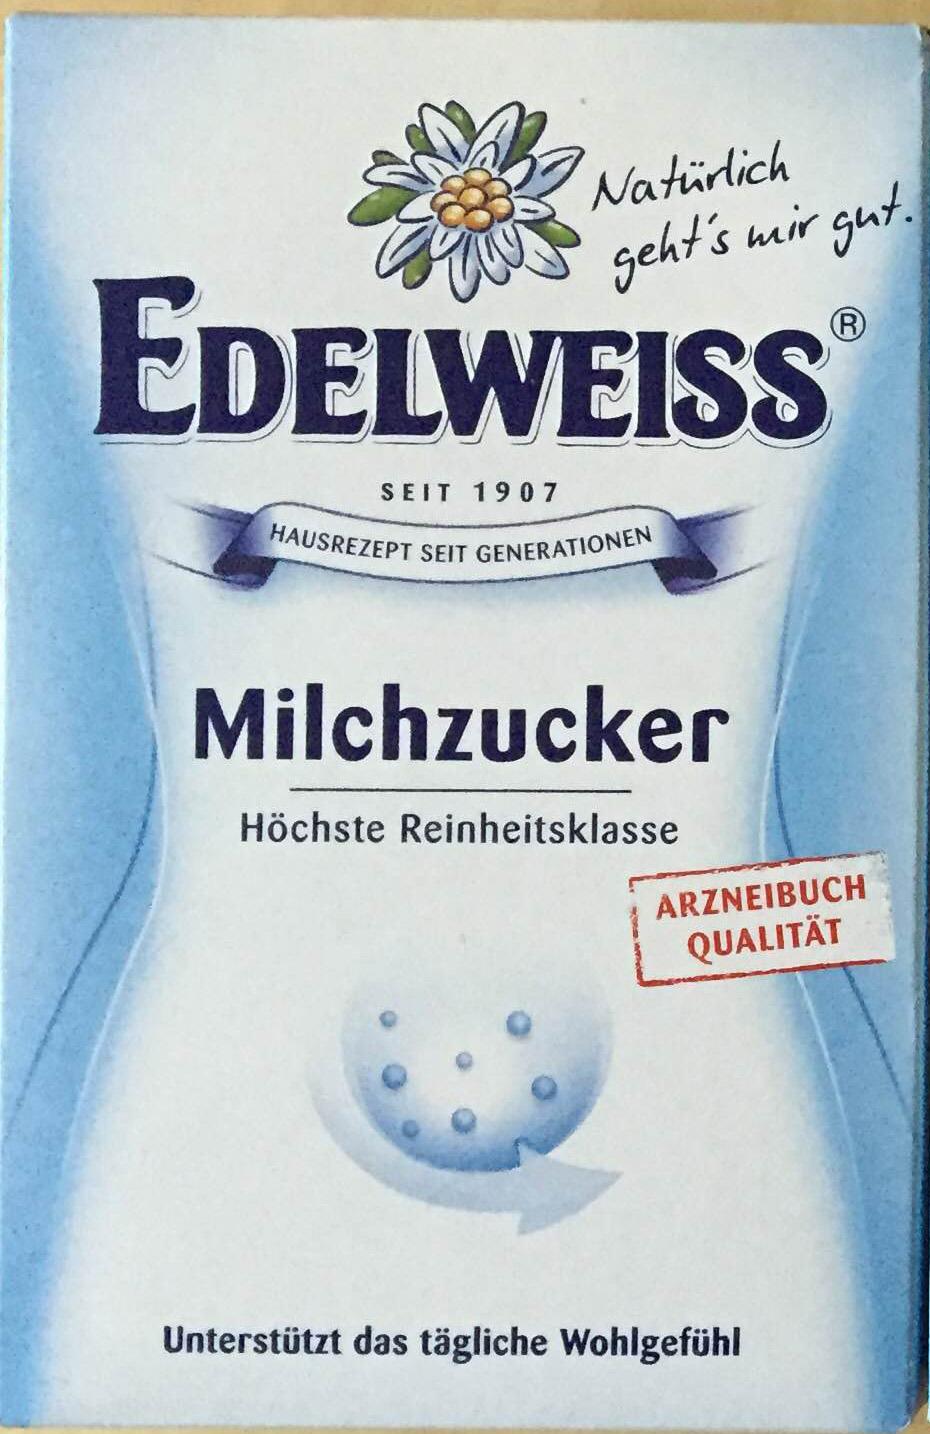 Германия поколение Купить беременные женщины эдельвейс эдельвейс лактоза на младенца Запор для стрельбы для 500g